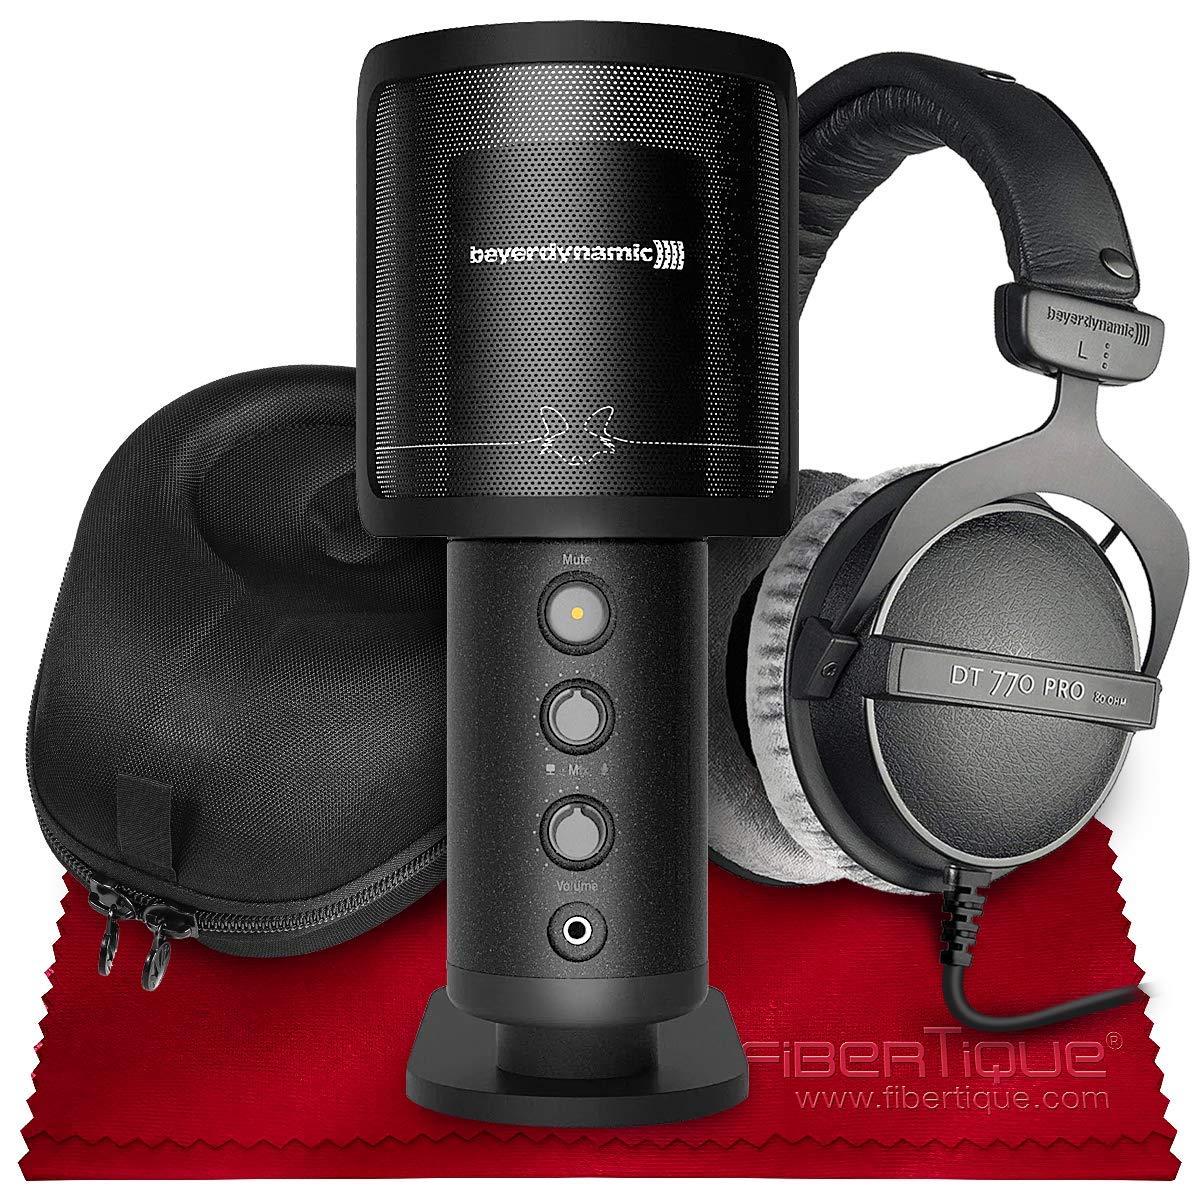 Beyerdynamic Fox Micrófono de estudio USB profesional con auriculares Beyerdynamic DT770 Pro de 80 ohmios y paquete de a